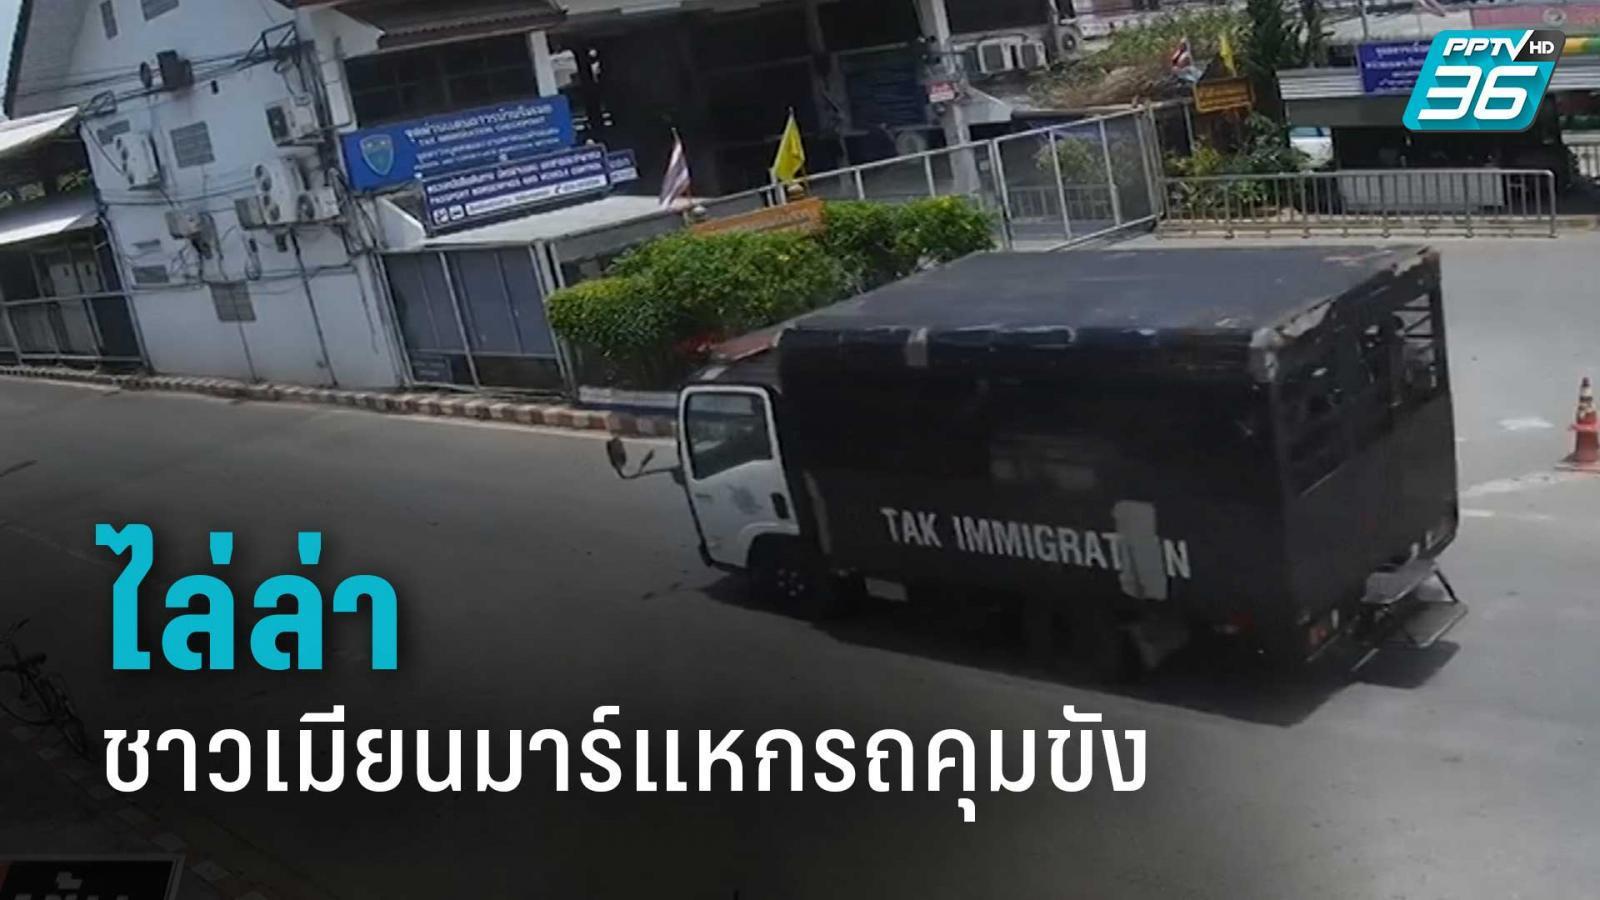 ไล่ล่าจับชาวเมียนมาร์แหกรถคุมขัง ยังหลบหนีอีก 9 คน